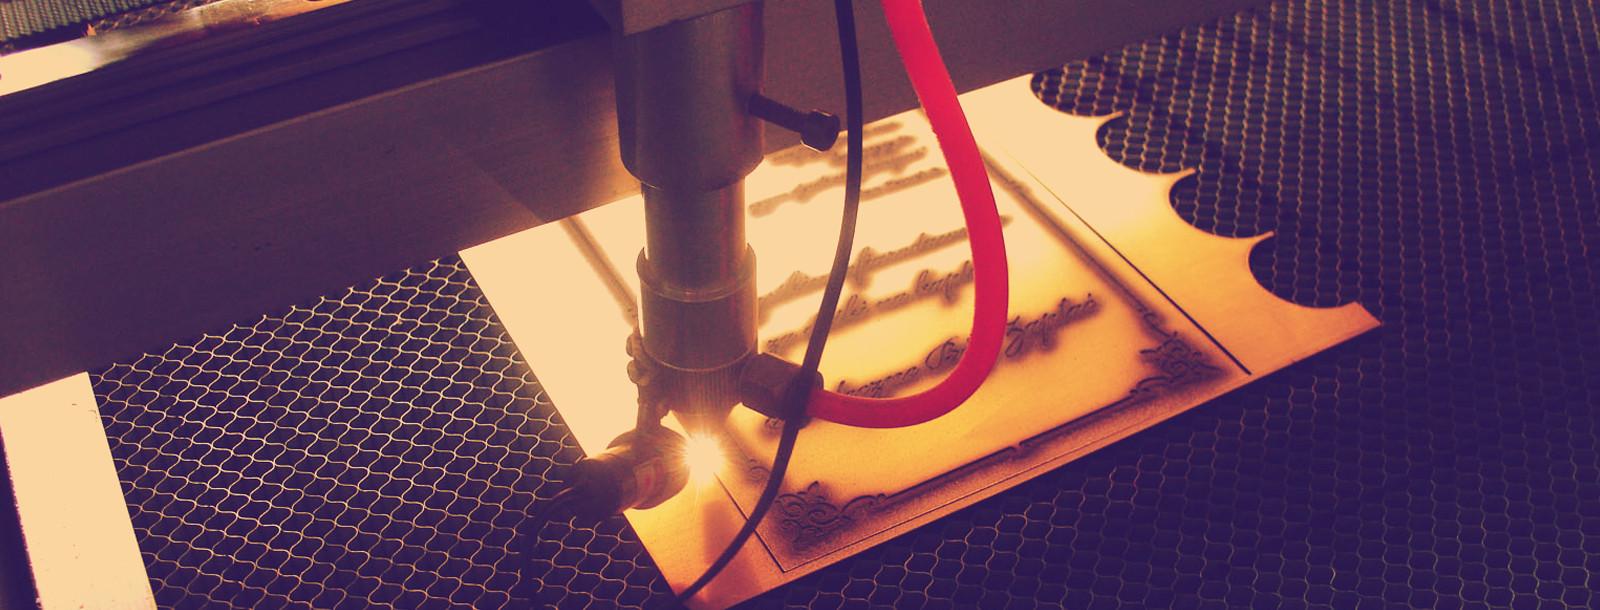 slider-laser